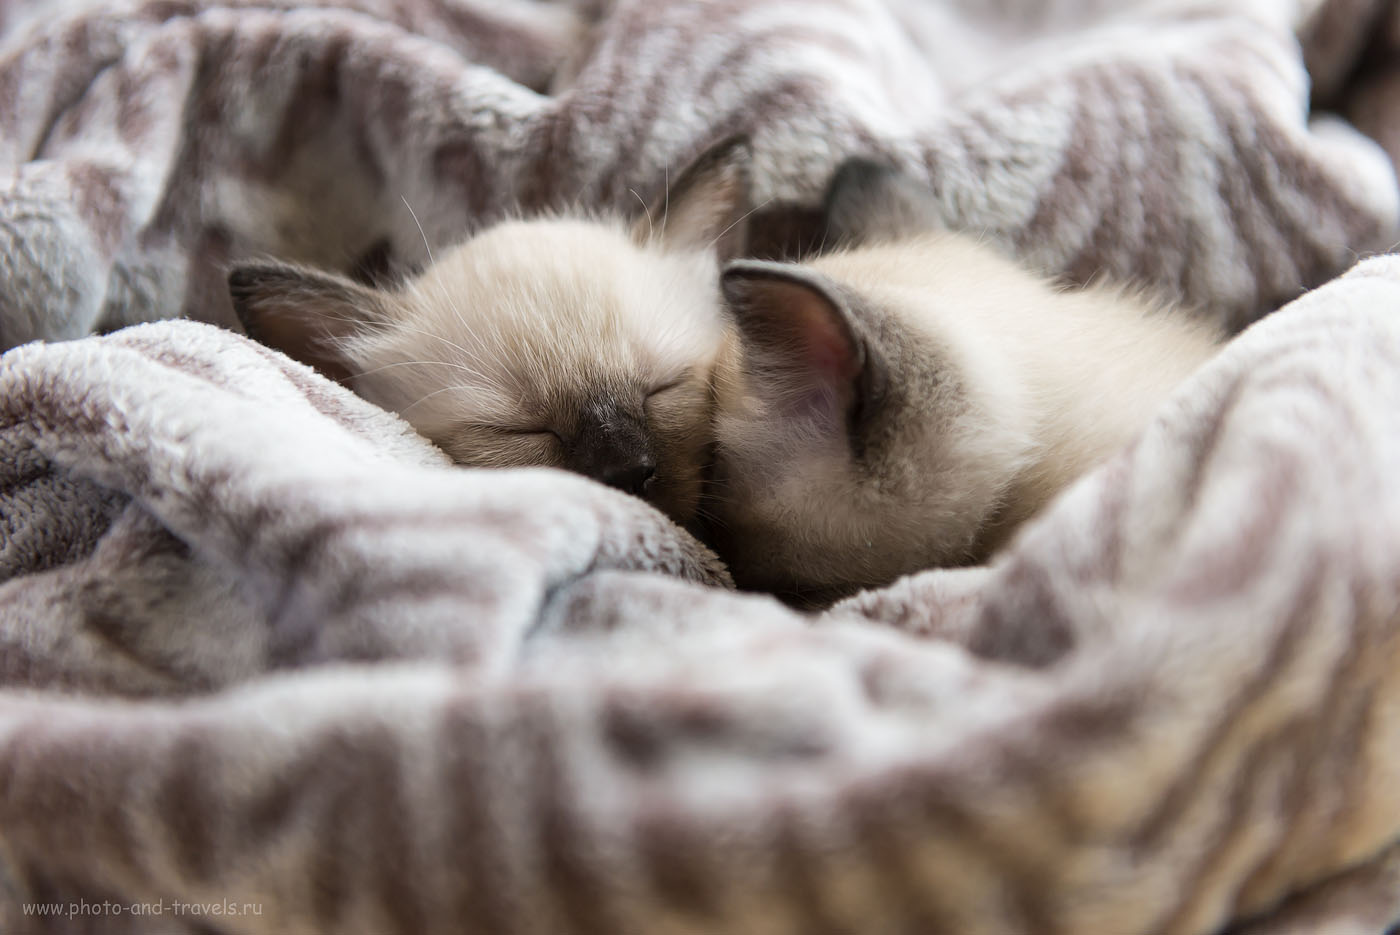 Фотография 18. Тяжело дается фотосессия. Спят усталые зверушки... Как фотографировать котят на продажу (1000, 70, 2.8, 1/320)